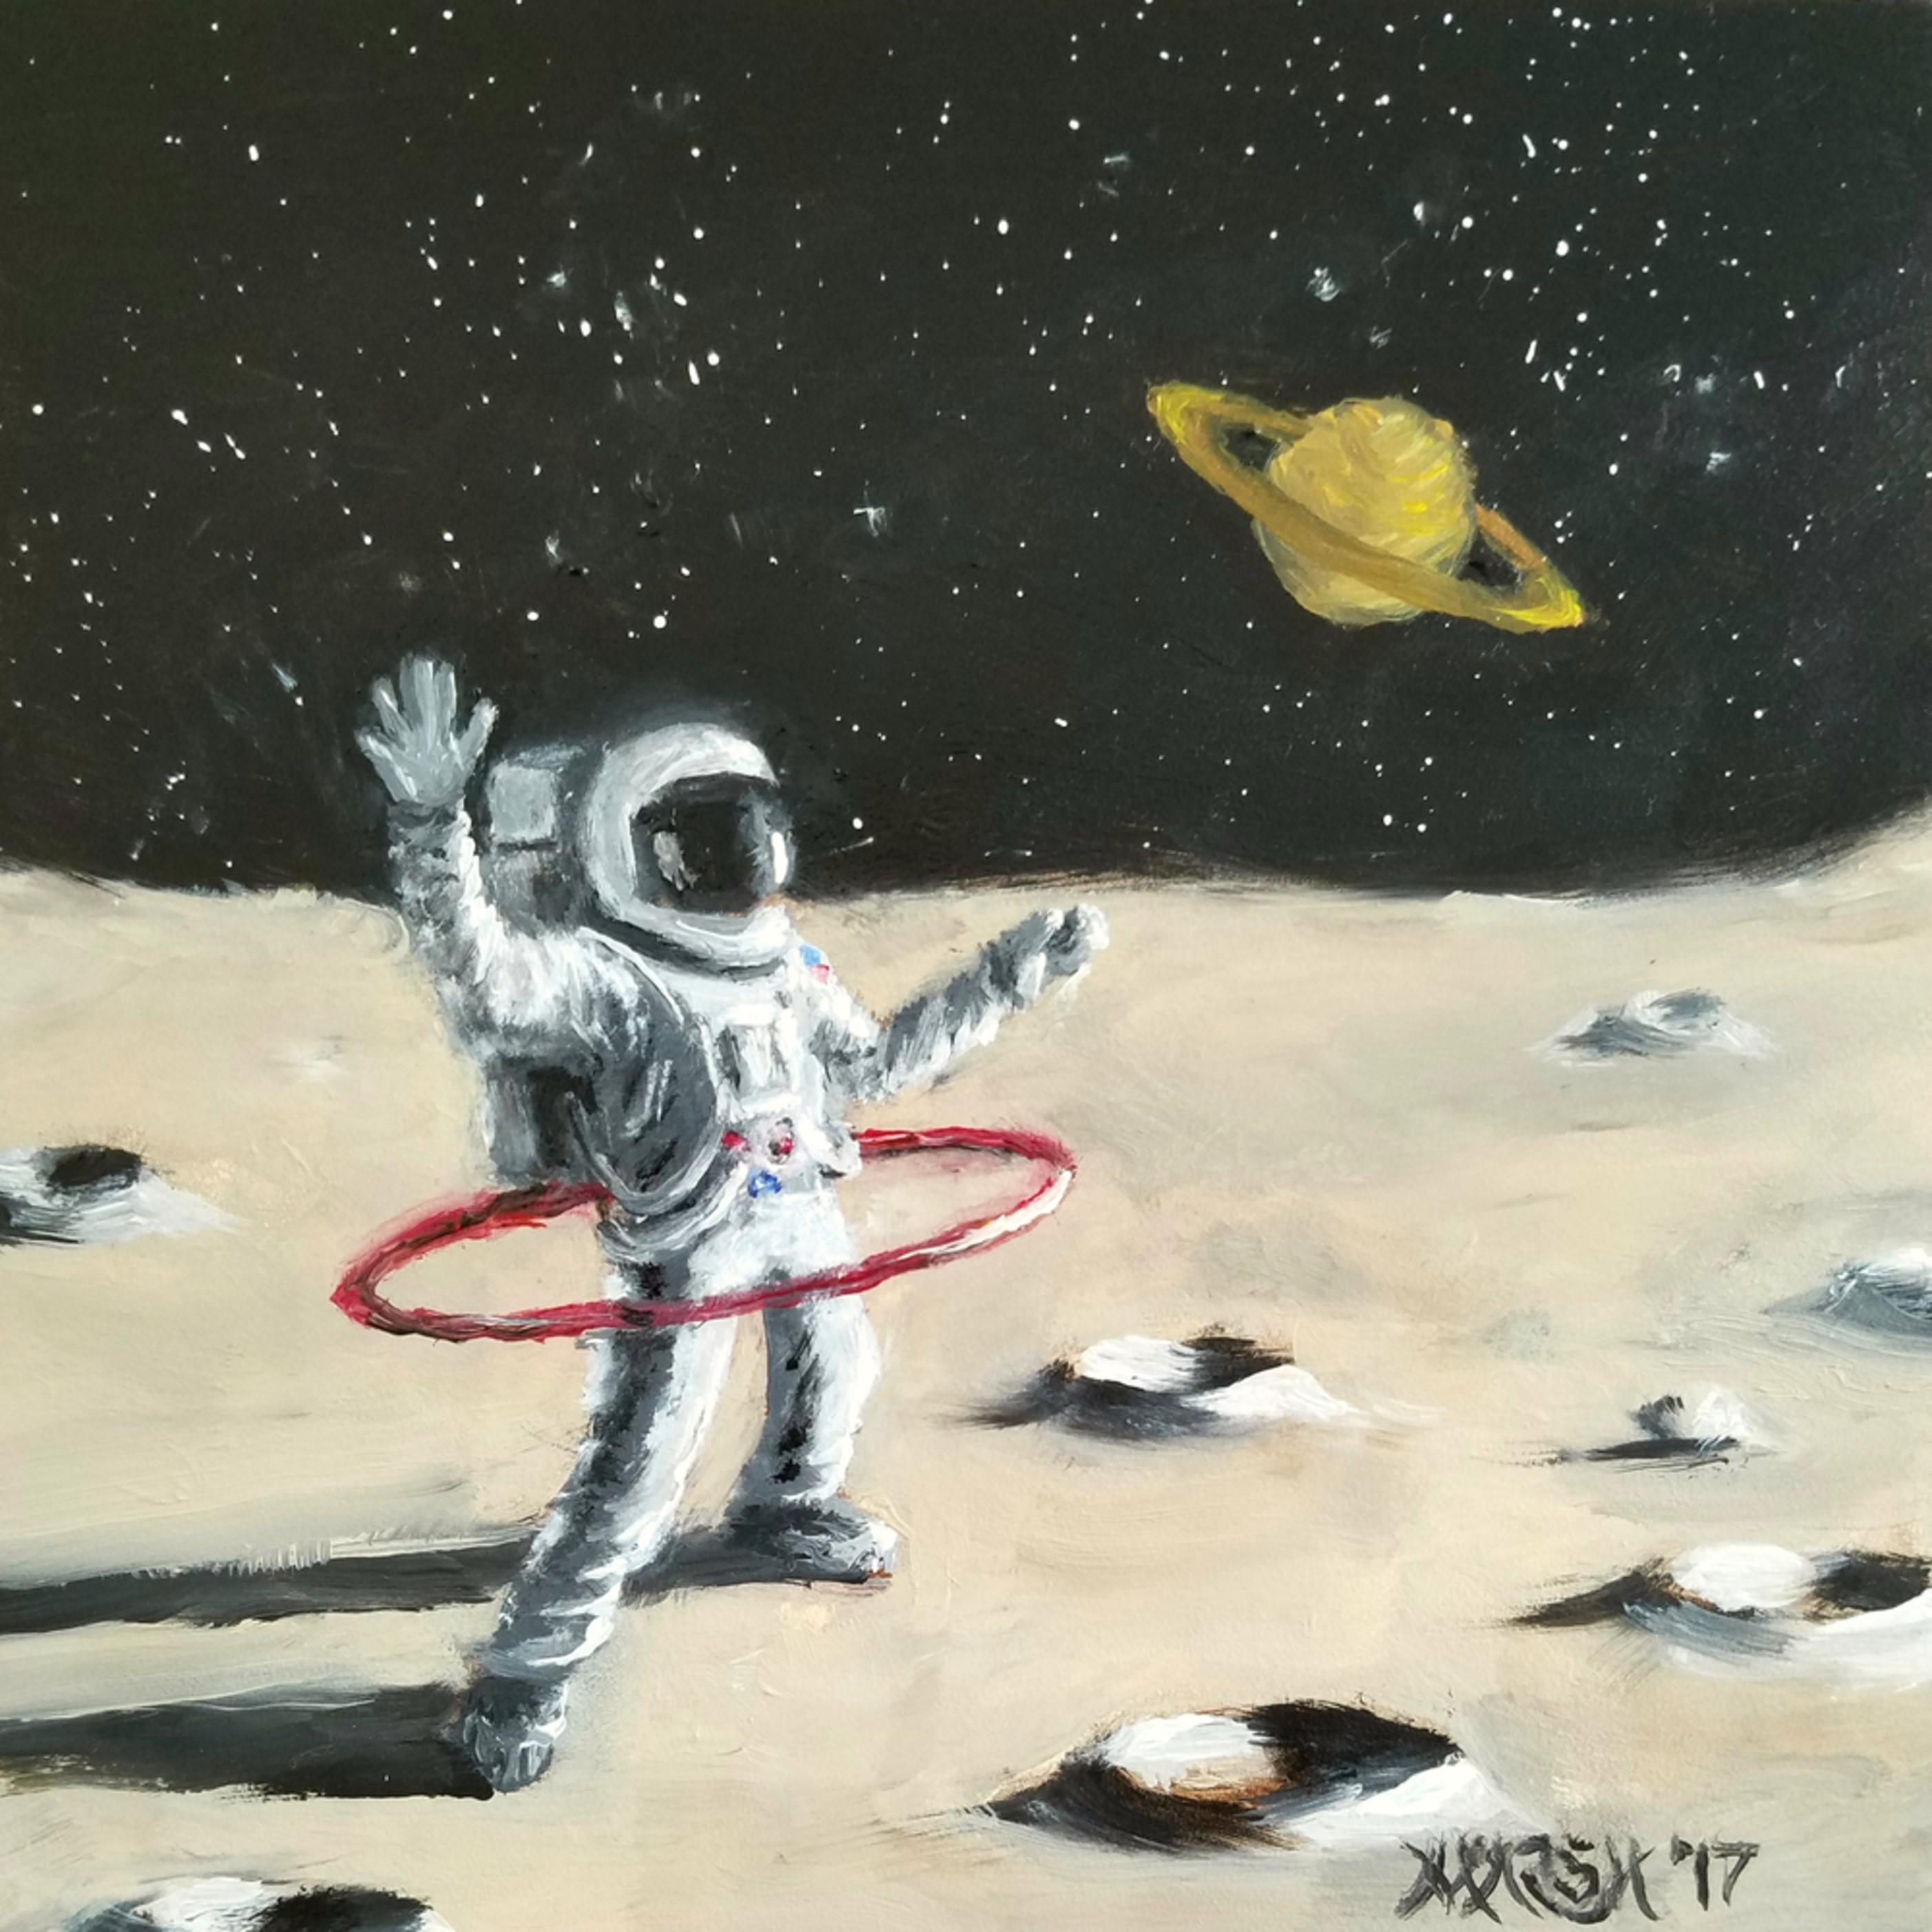 Earth balloon 007 riccut